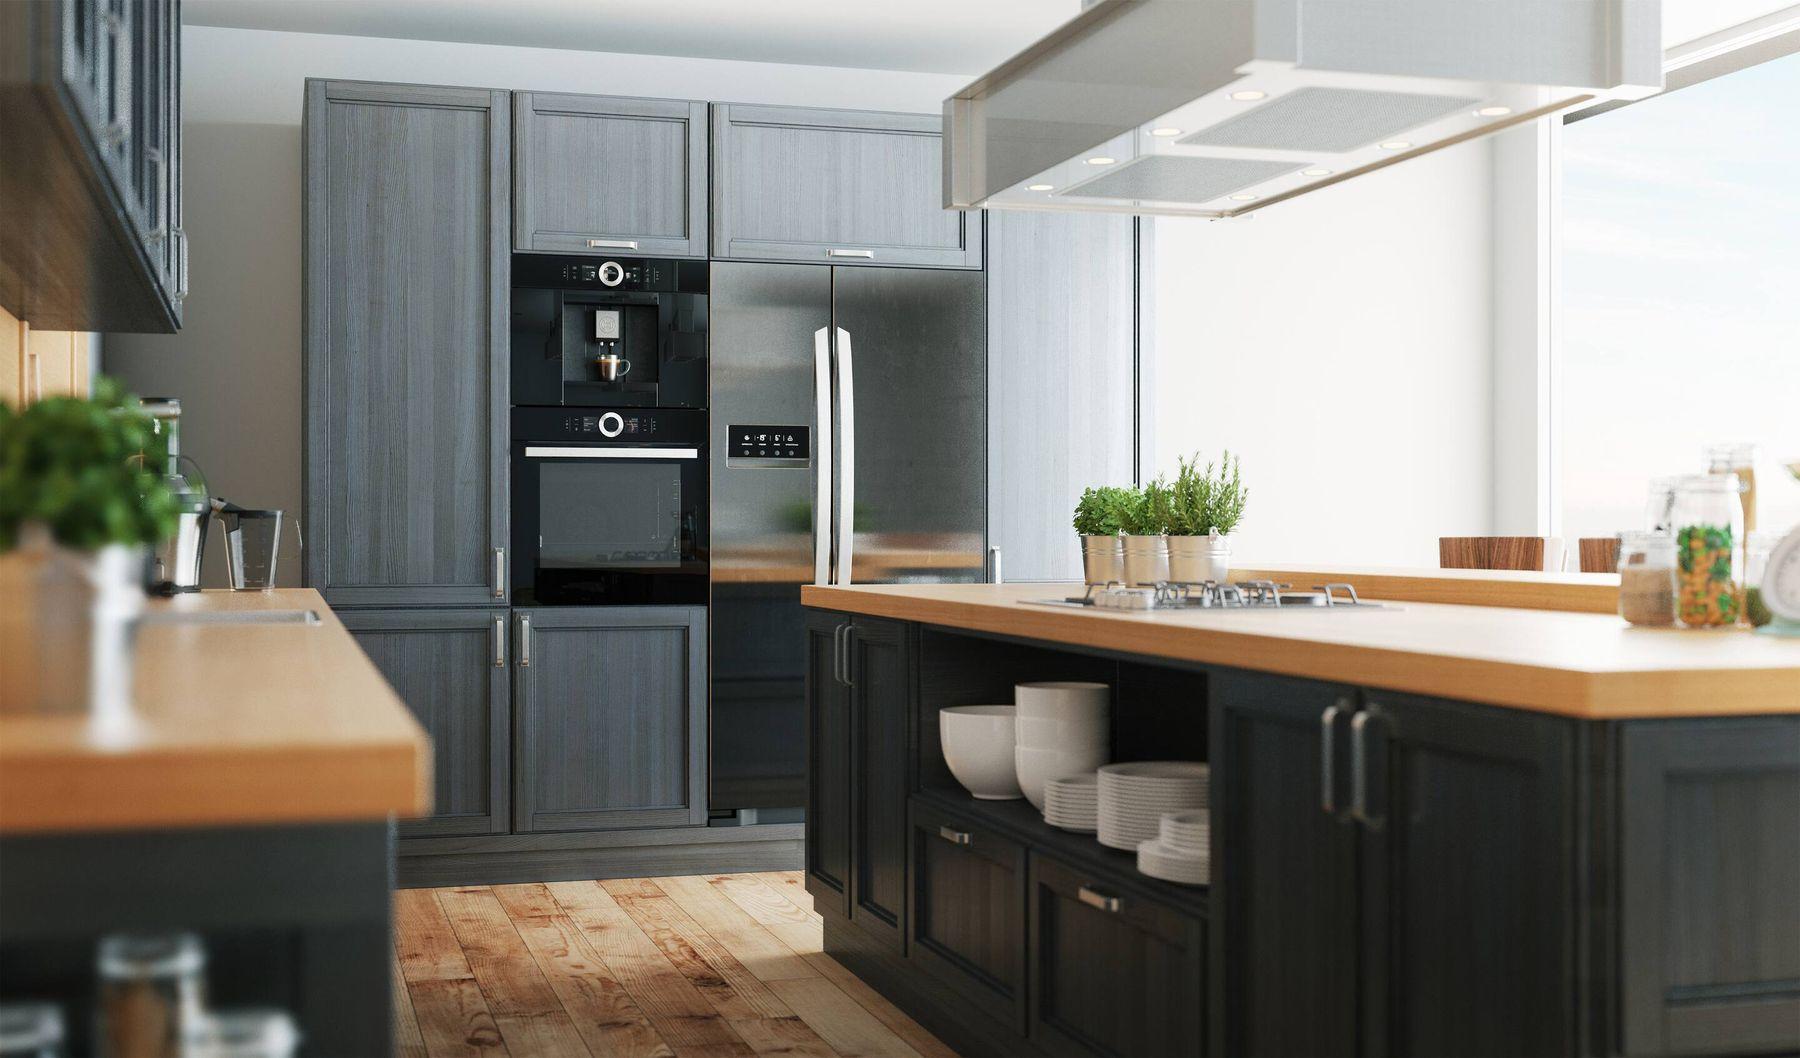 cách trang trí nhà bếp bằng cây xanh